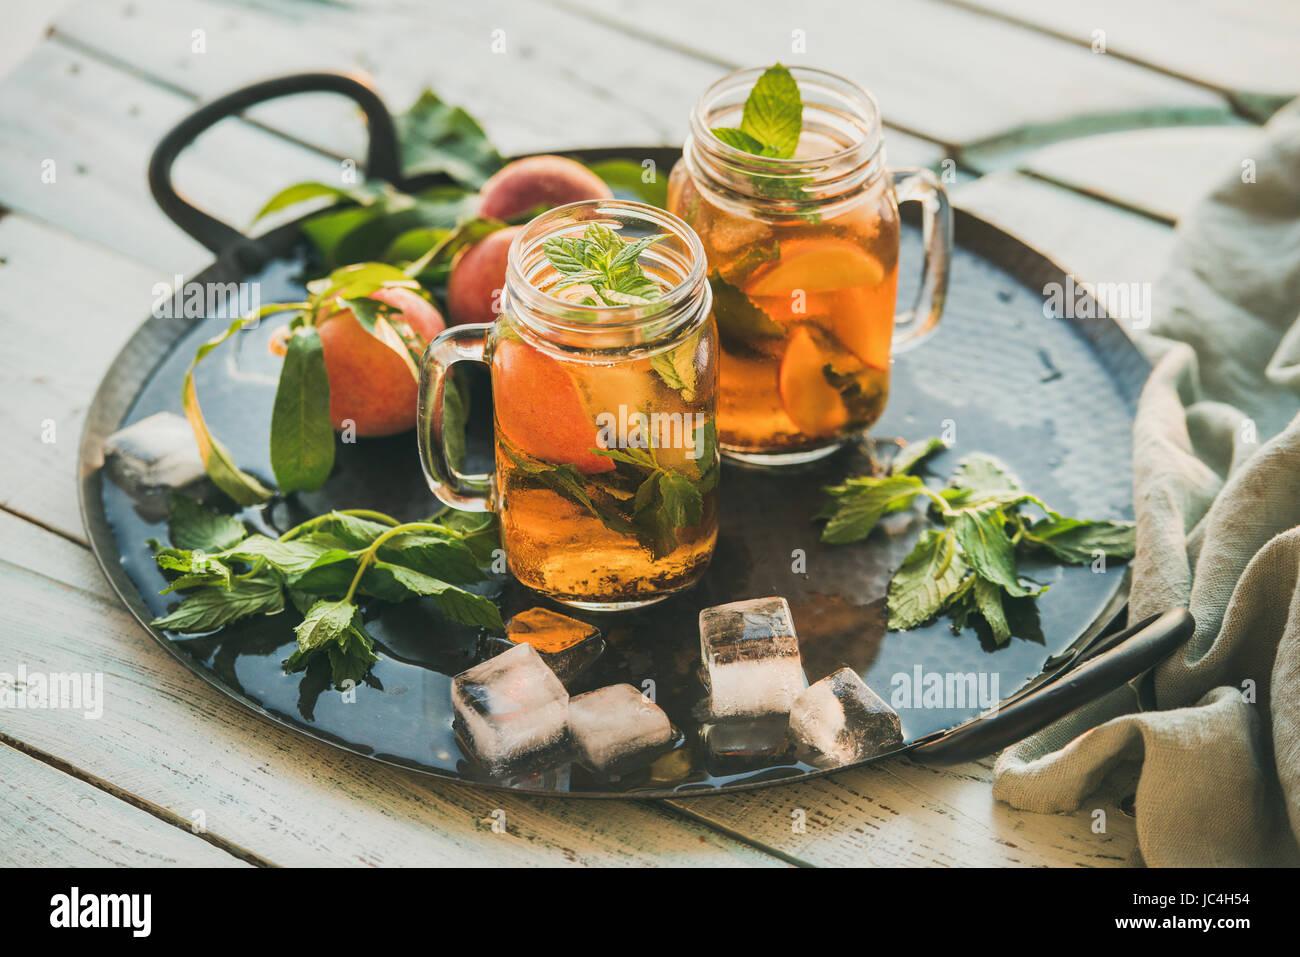 Estate rinfrescante freddo pesca ice tea su tavola in legno rustico Immagini Stock